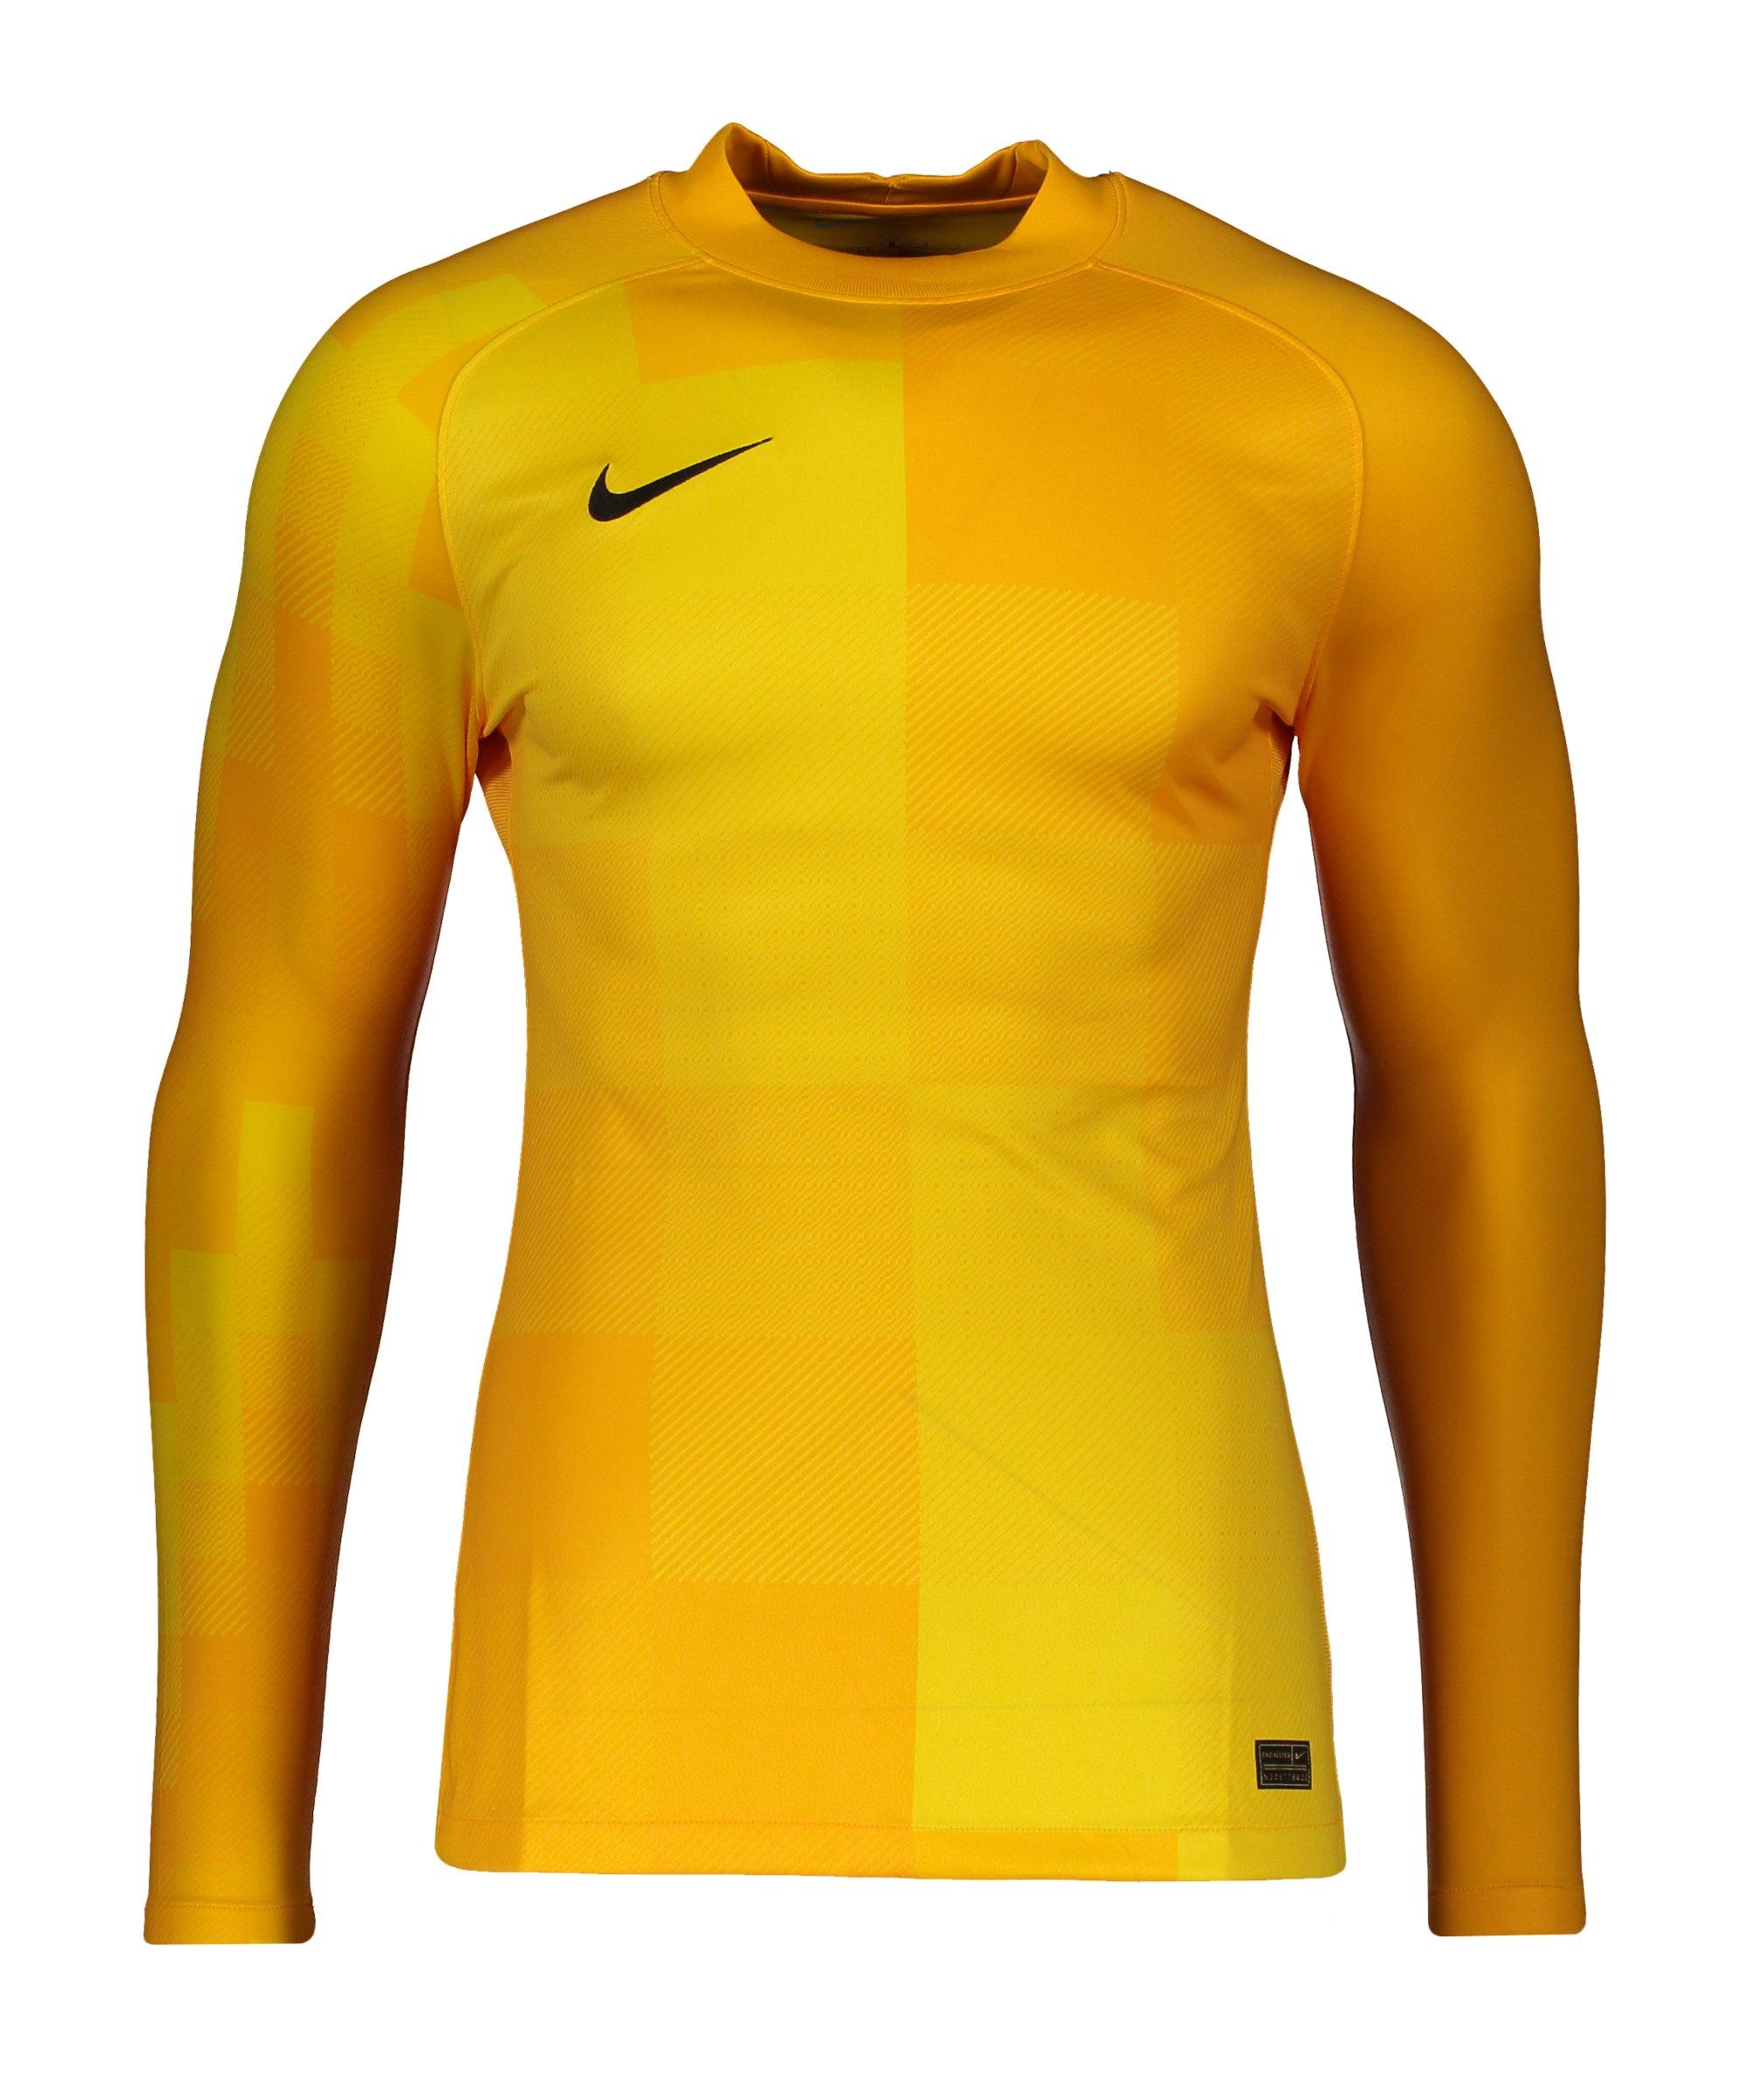 Nike Promo TW-Trikot langarm Gelb F739 - gelb